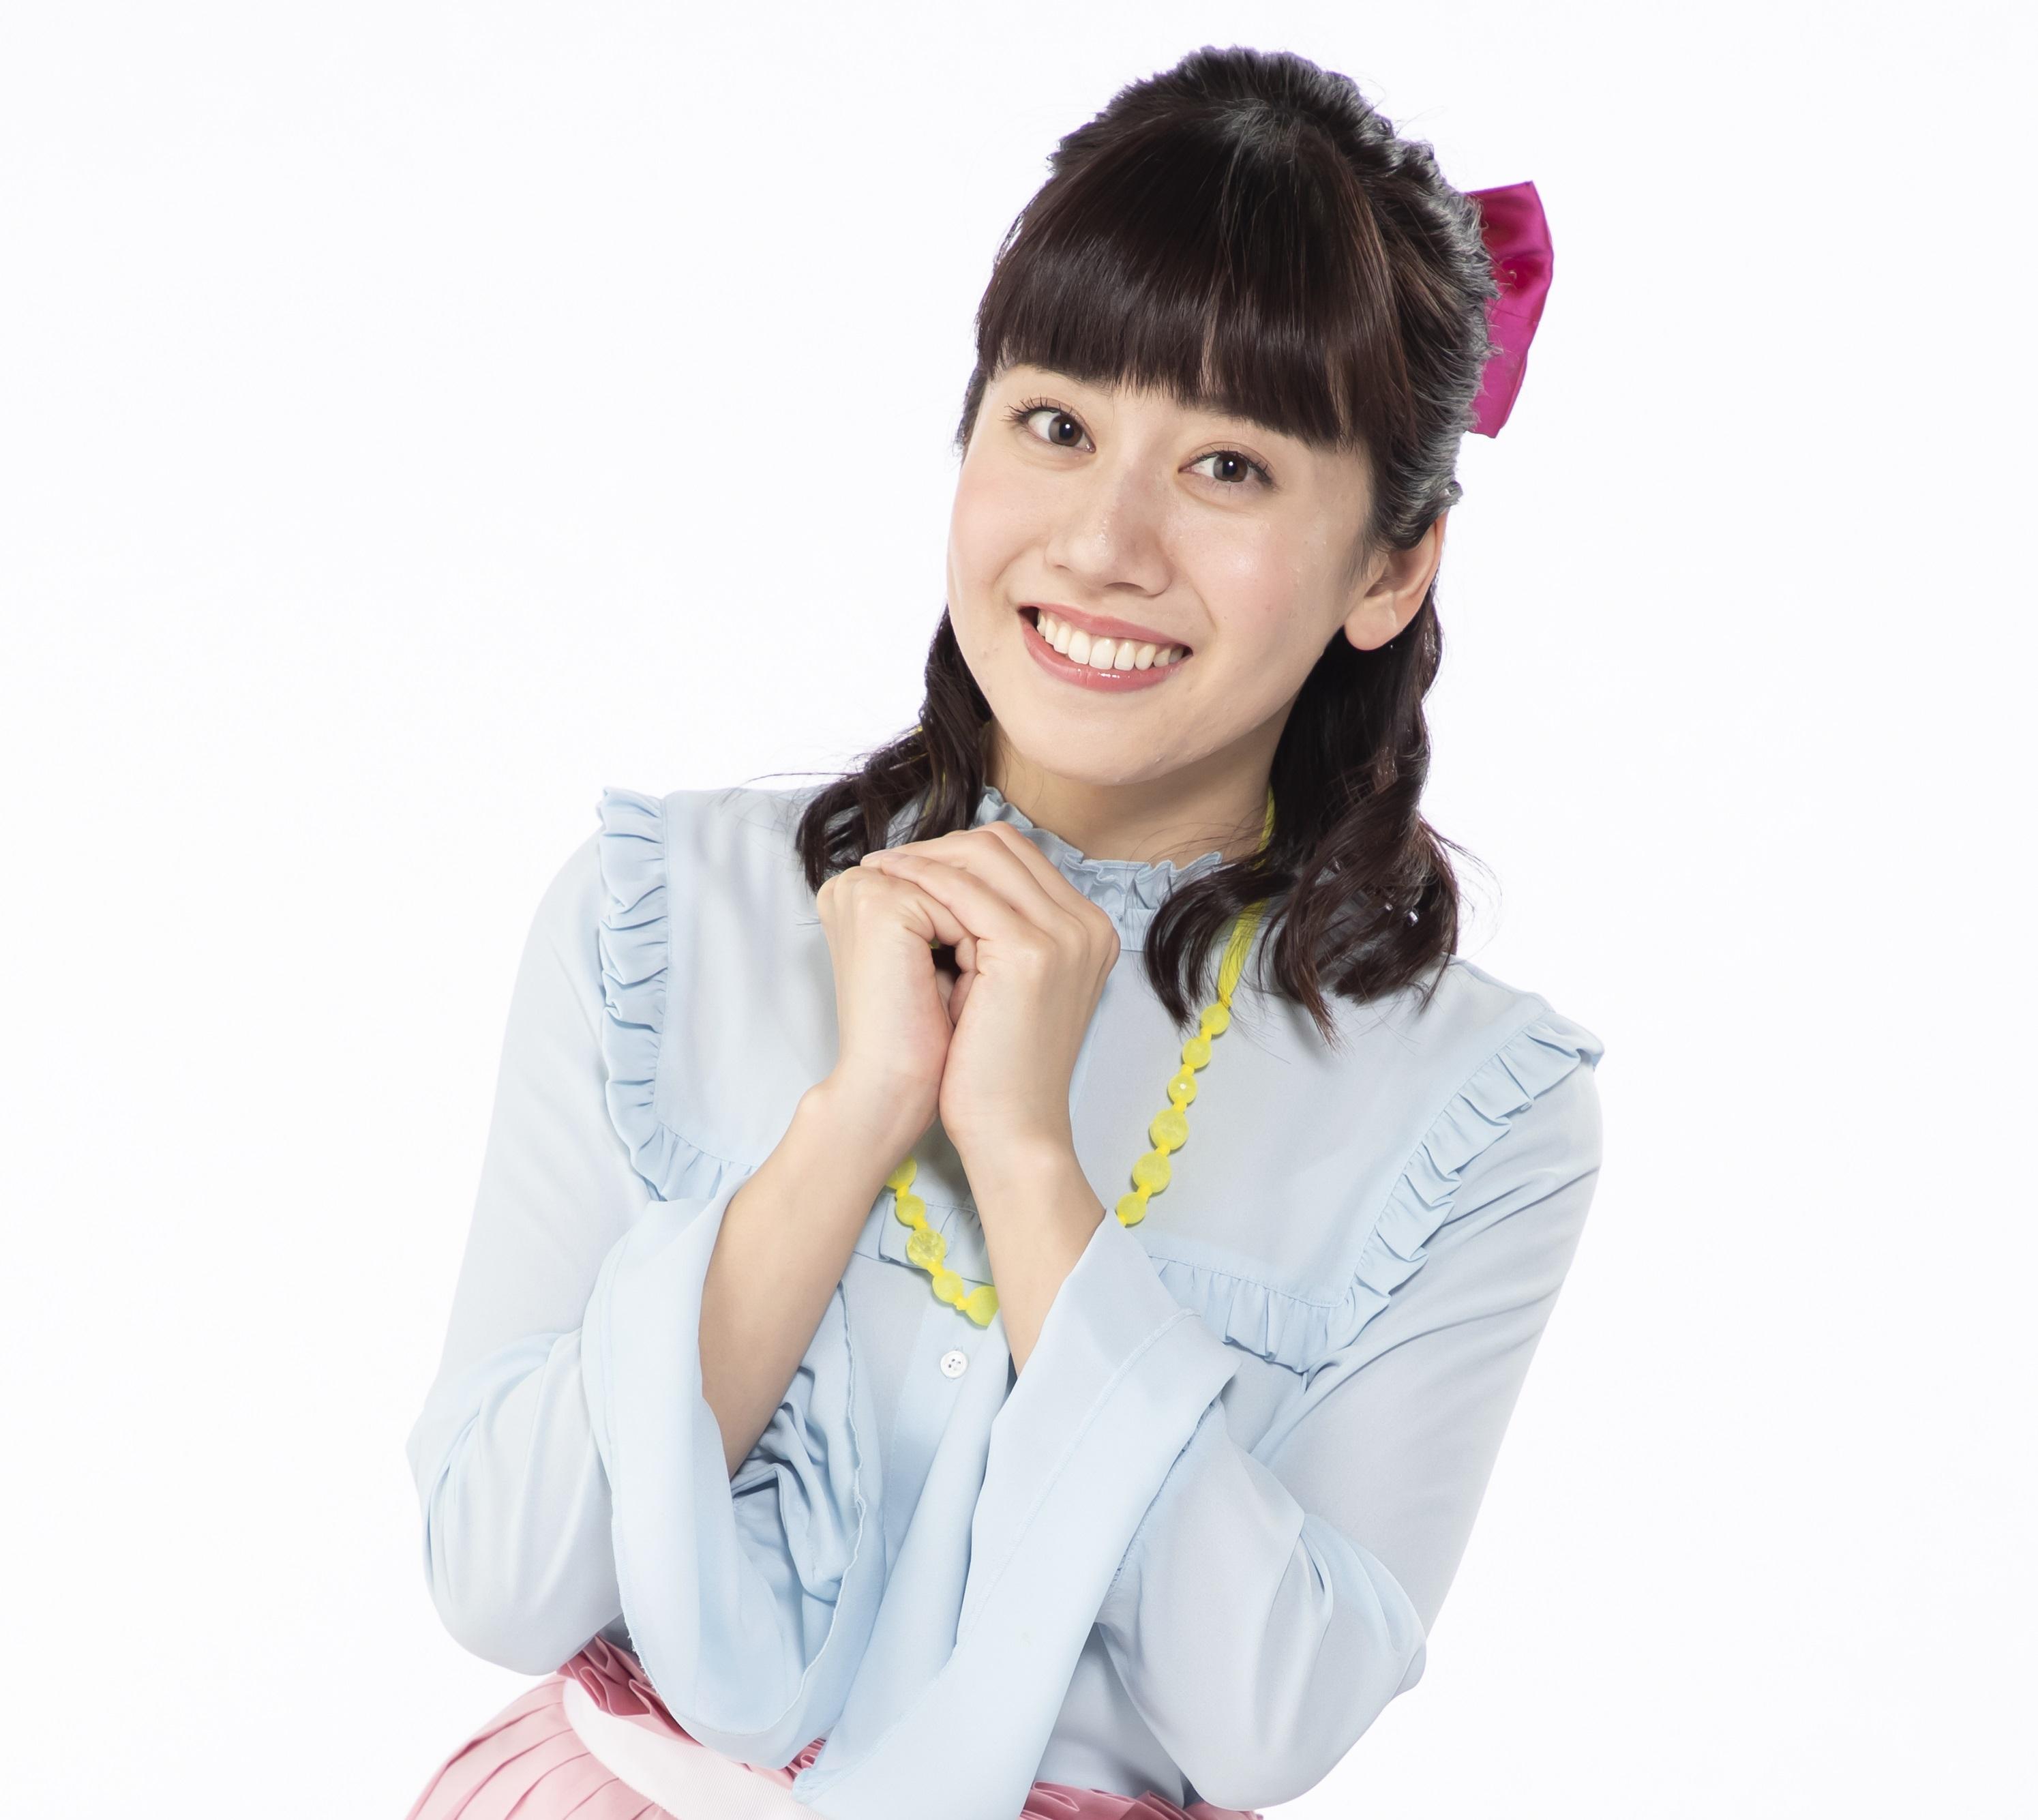 小野あつこさん NHK「おかあさんといっしょ」21代目うたのおねえさん